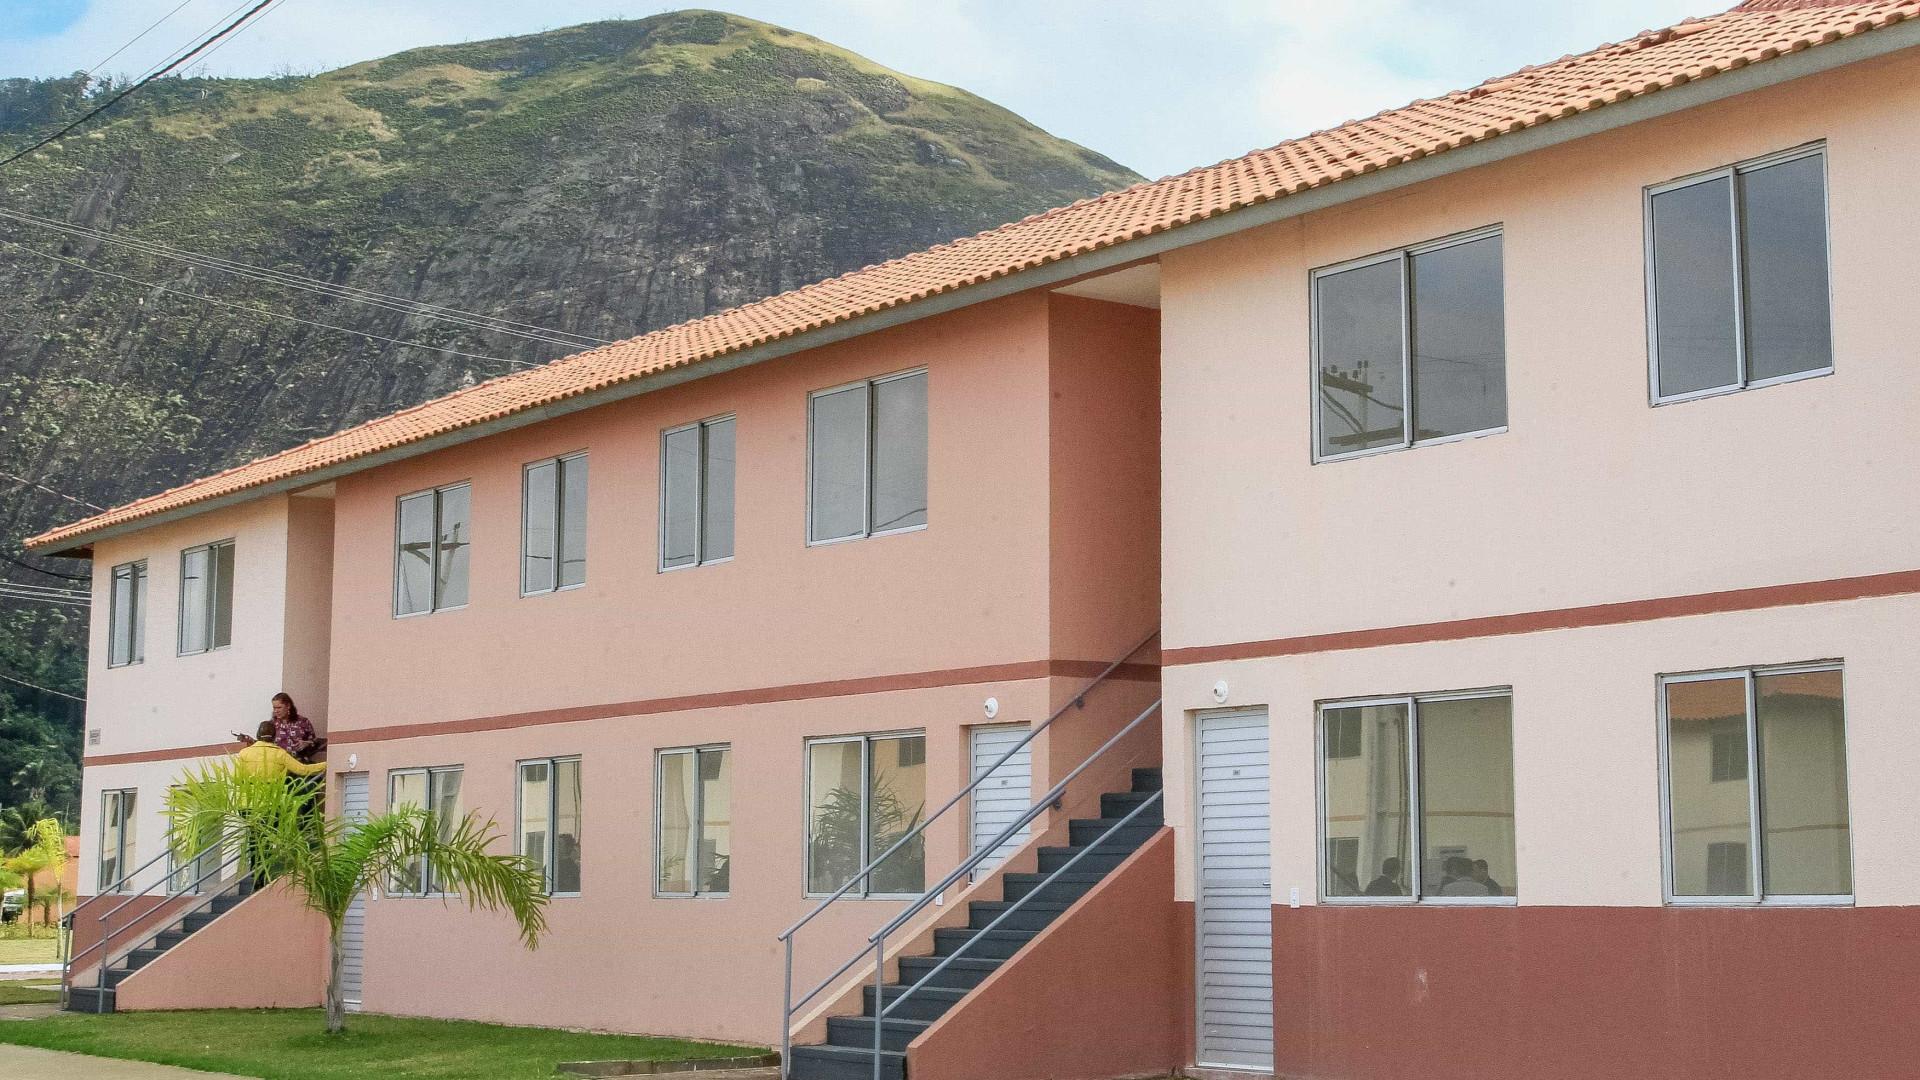 Caixa anuncia 6 meses de carência em novos financiamentos imobiliários